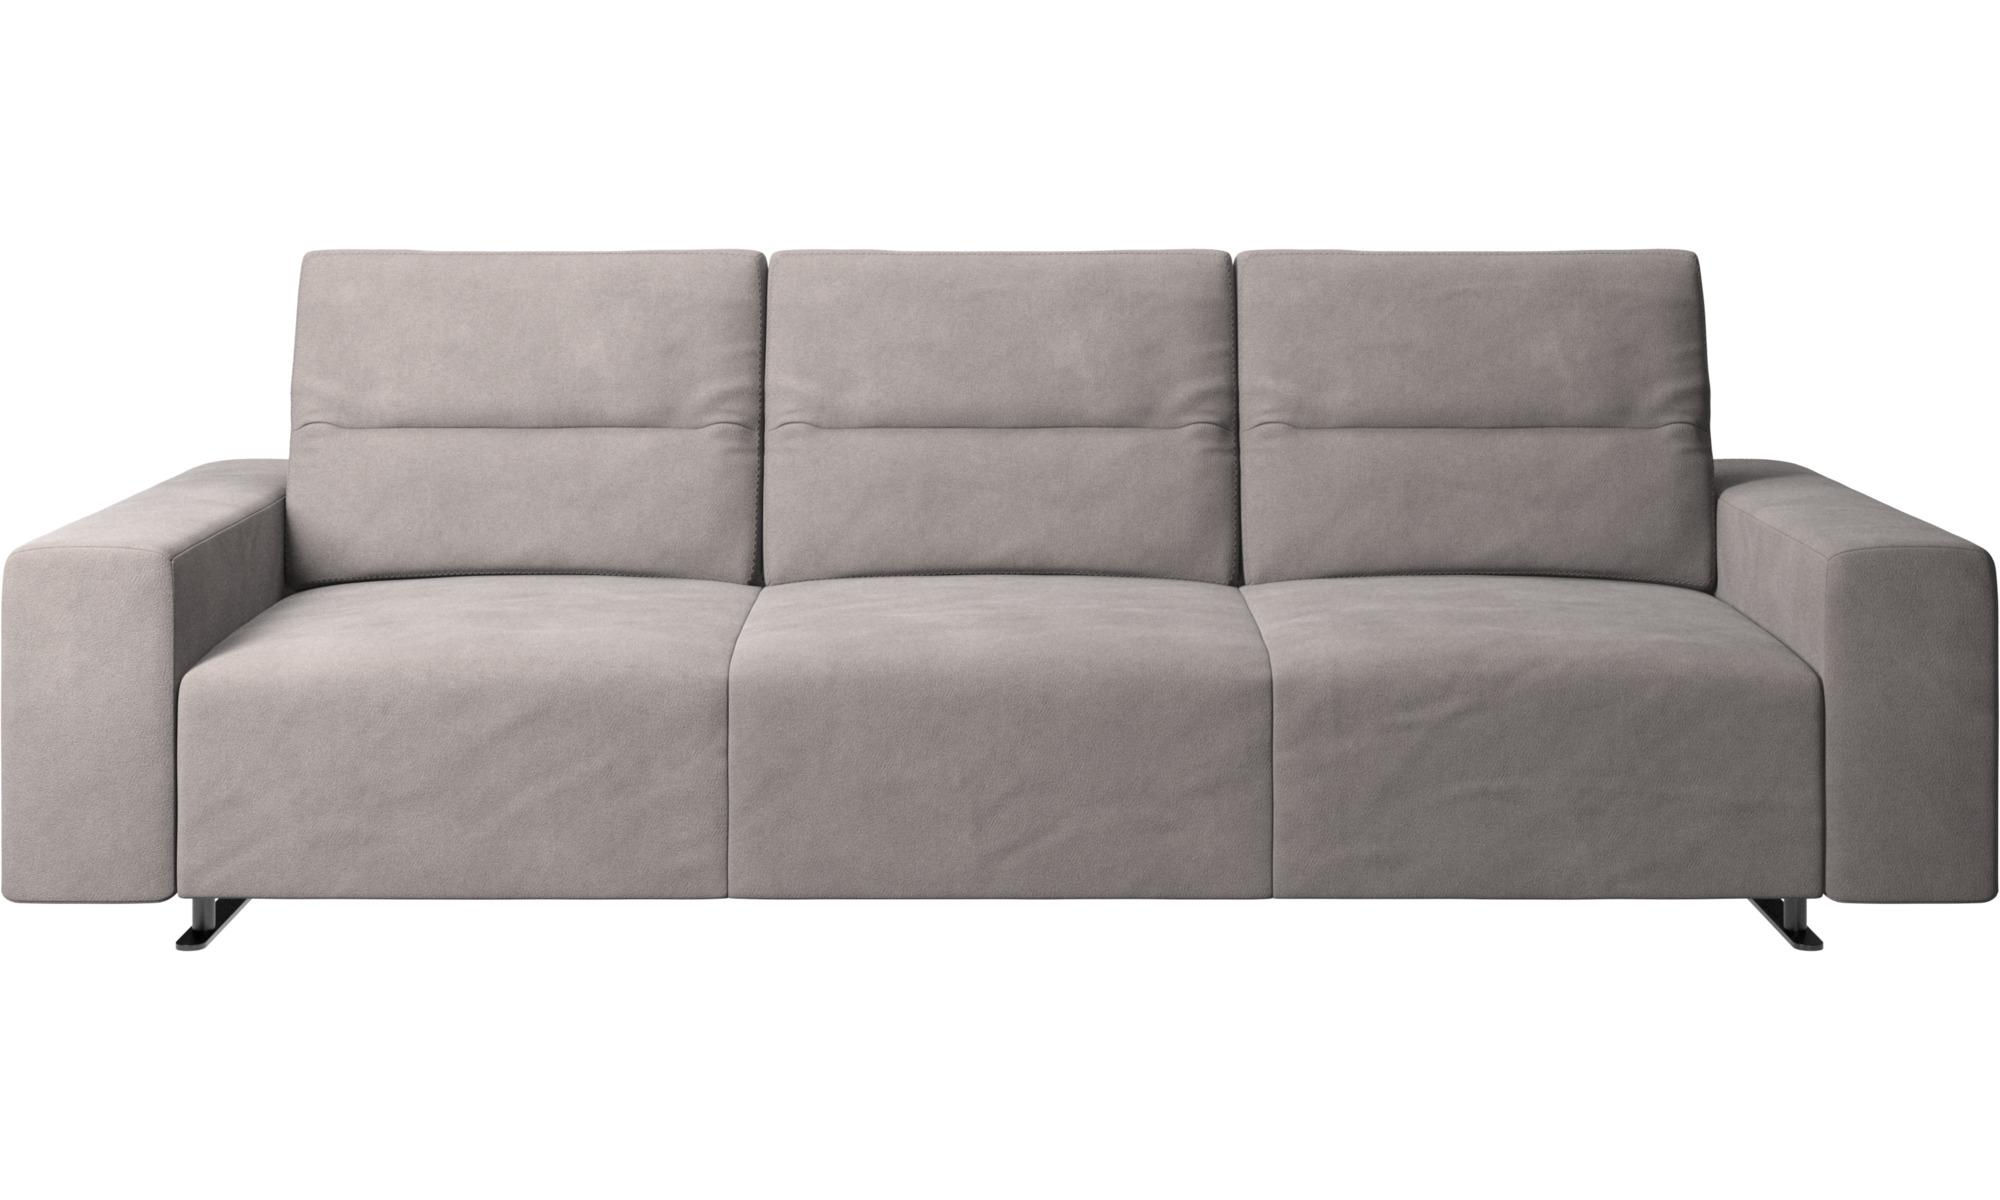 3 Sitzer Sofas Hampton Sofa Mit Verstellbarer Rückenlehne Boconcept